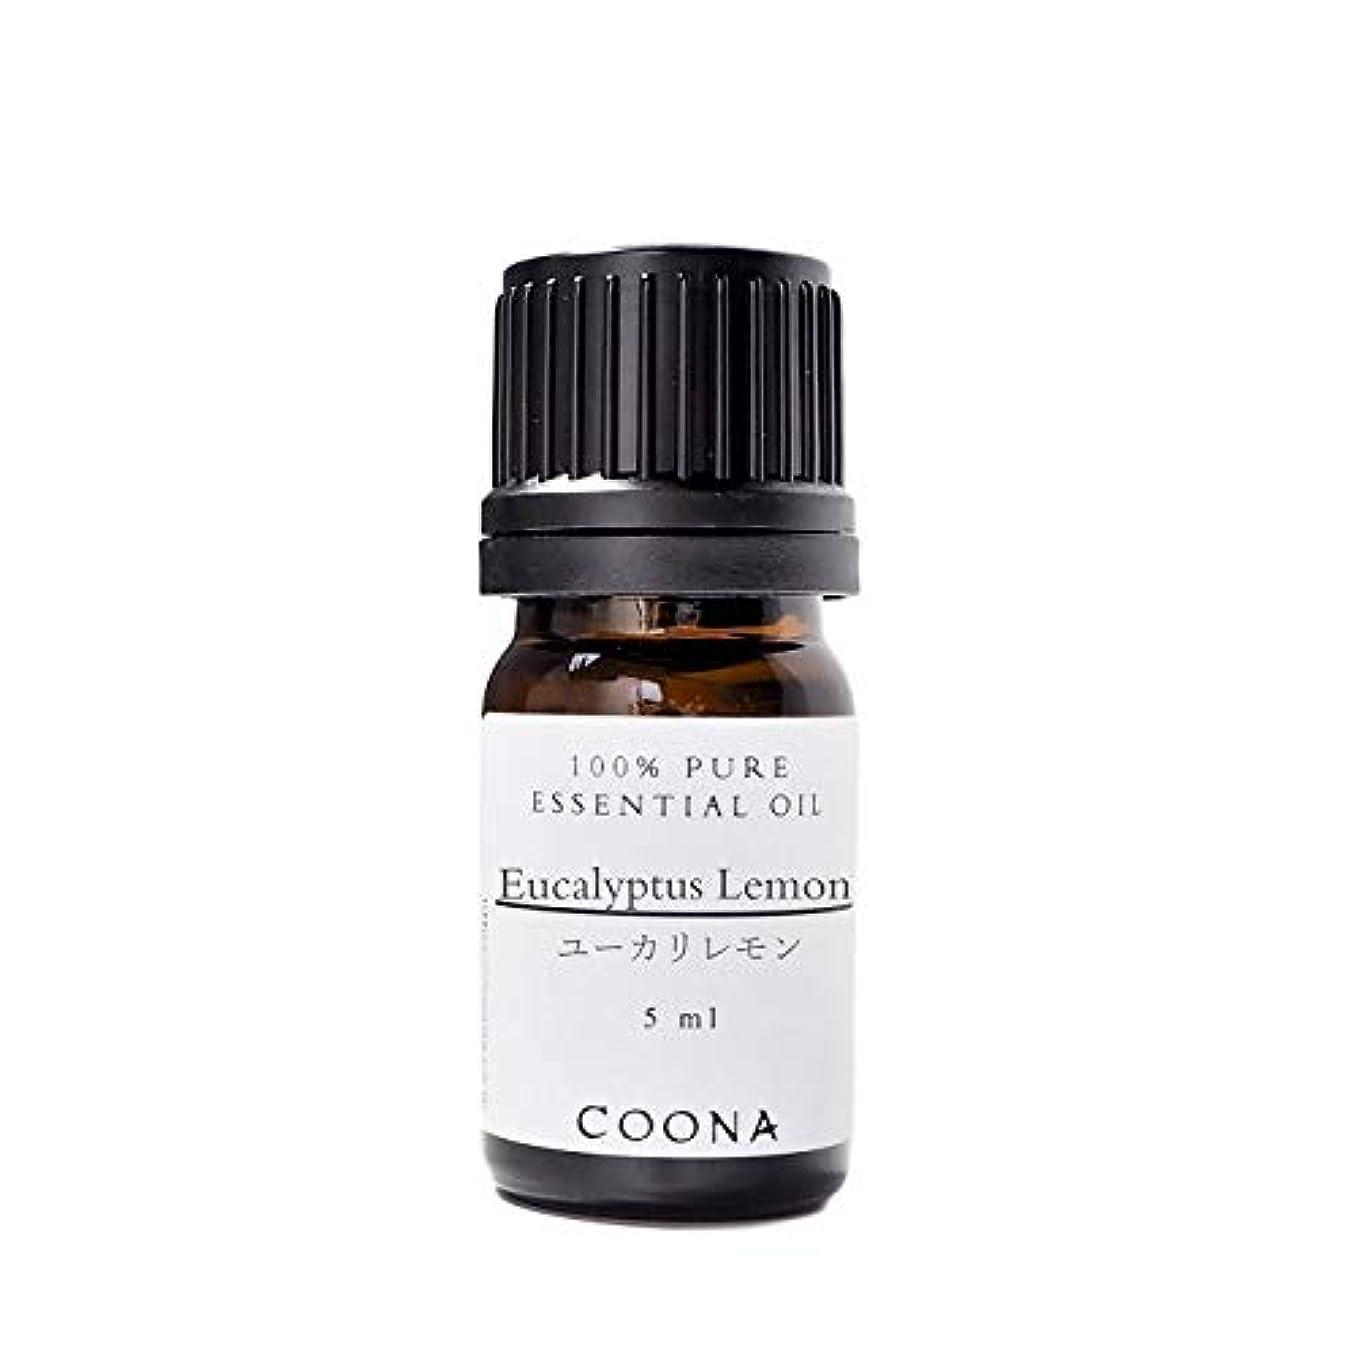 女将組み合わせる債権者ユーカリレモン 5 ml (COONA エッセンシャルオイル アロマオイル 100%天然植物精油)